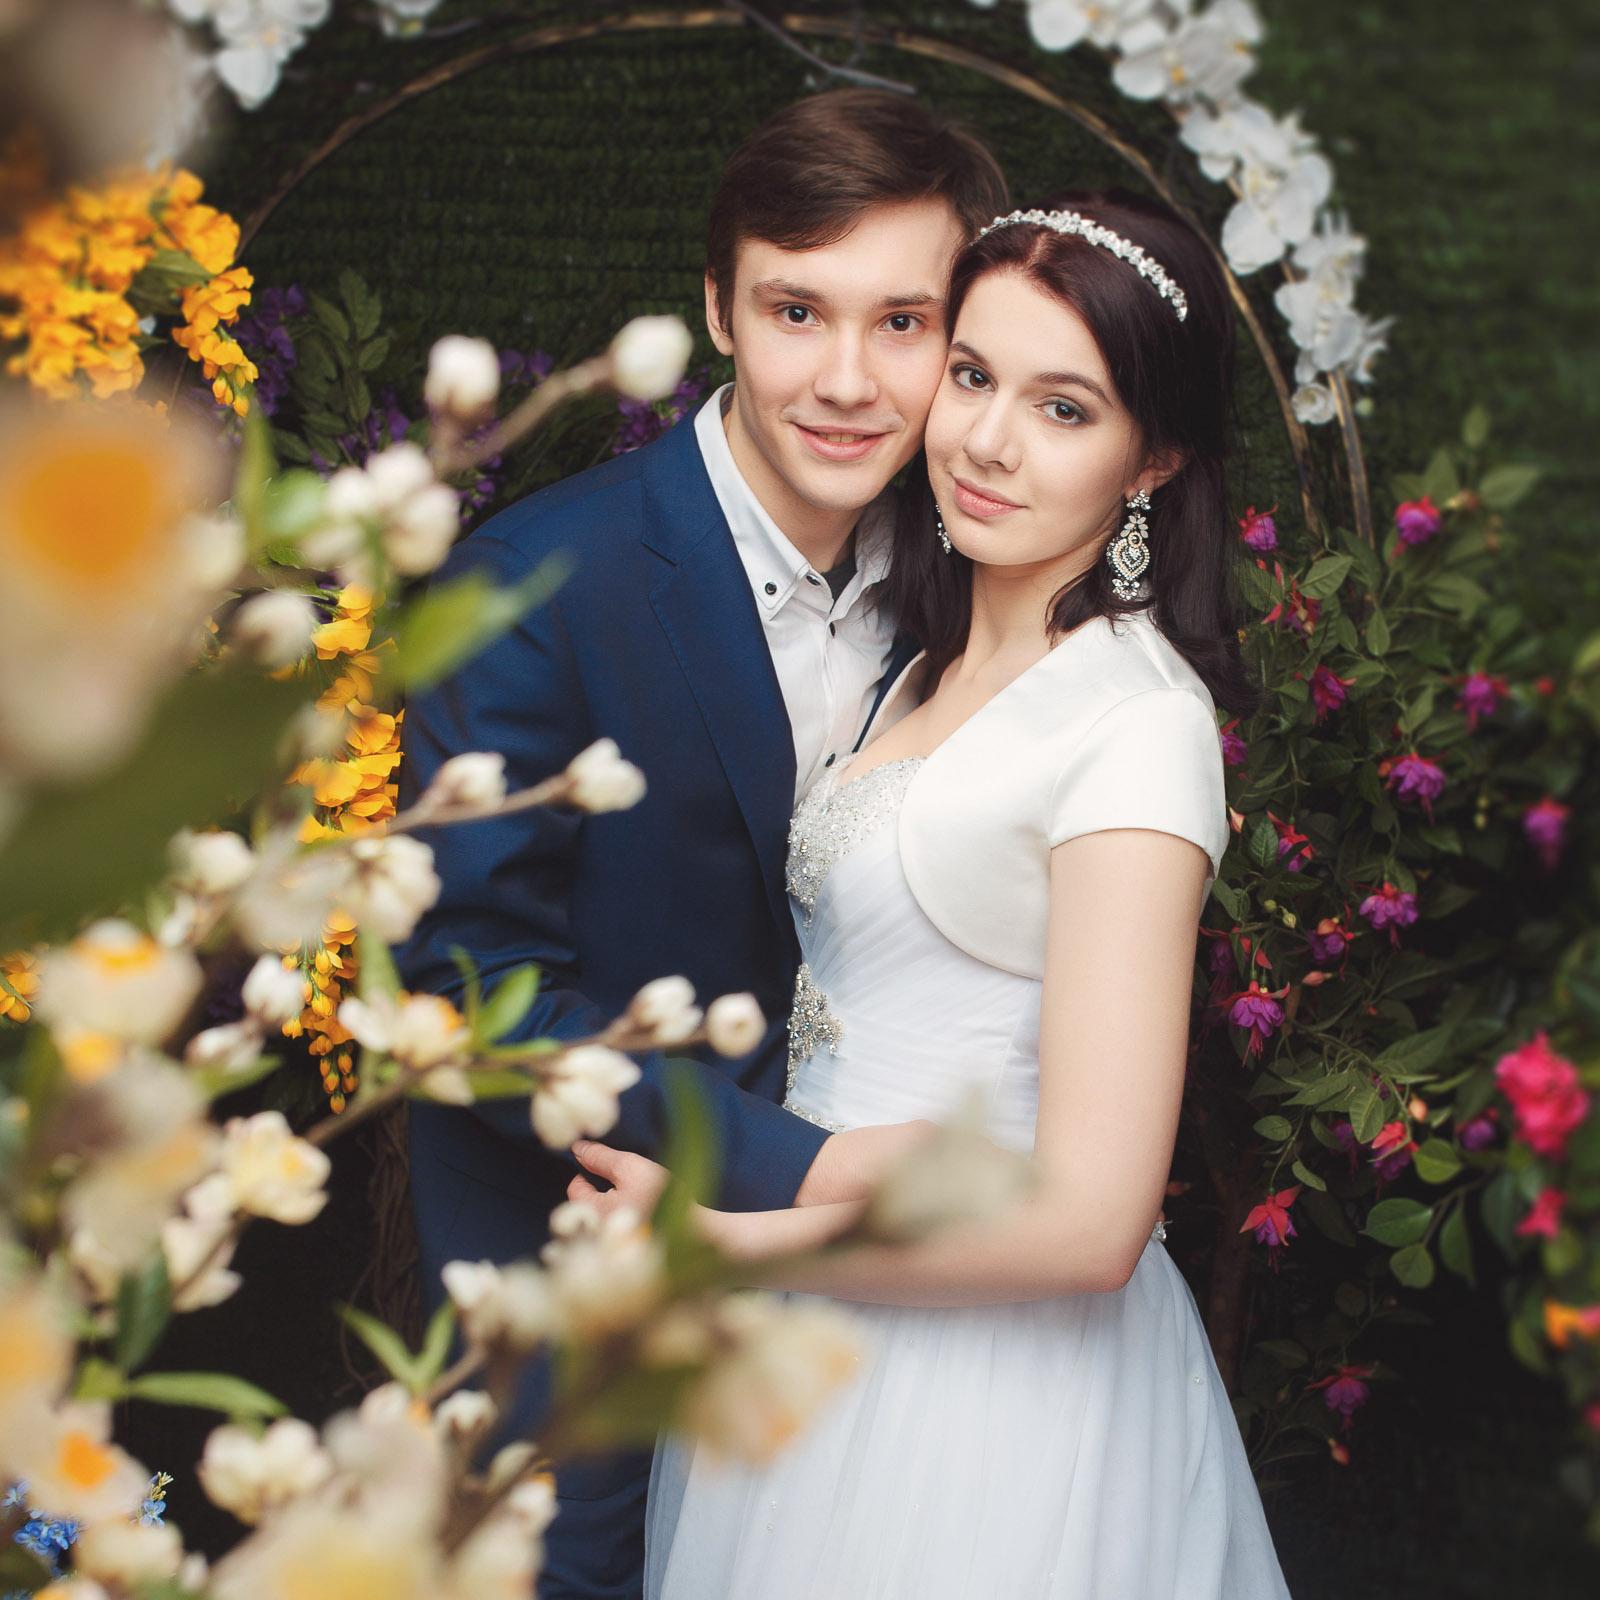 Свадебный фотограф на свадьбу, примеры работ фотографа в фотостудии